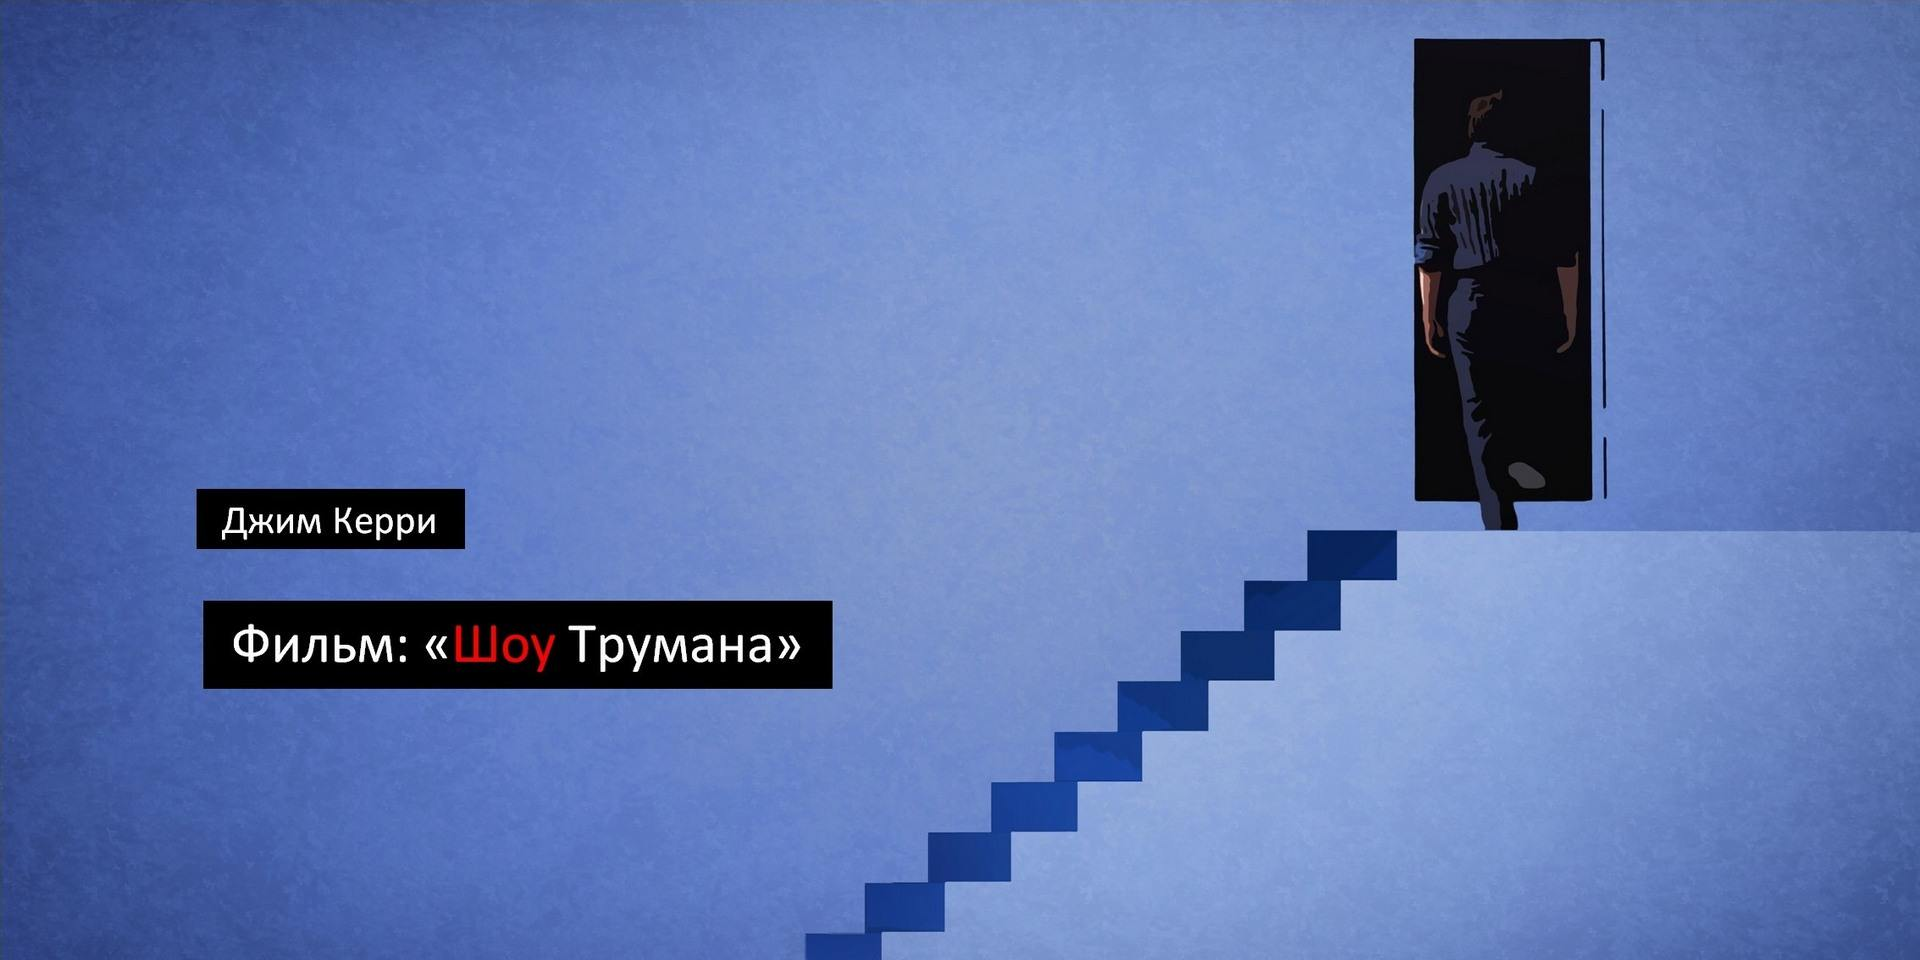 Фильм: «Шоу Трумана»